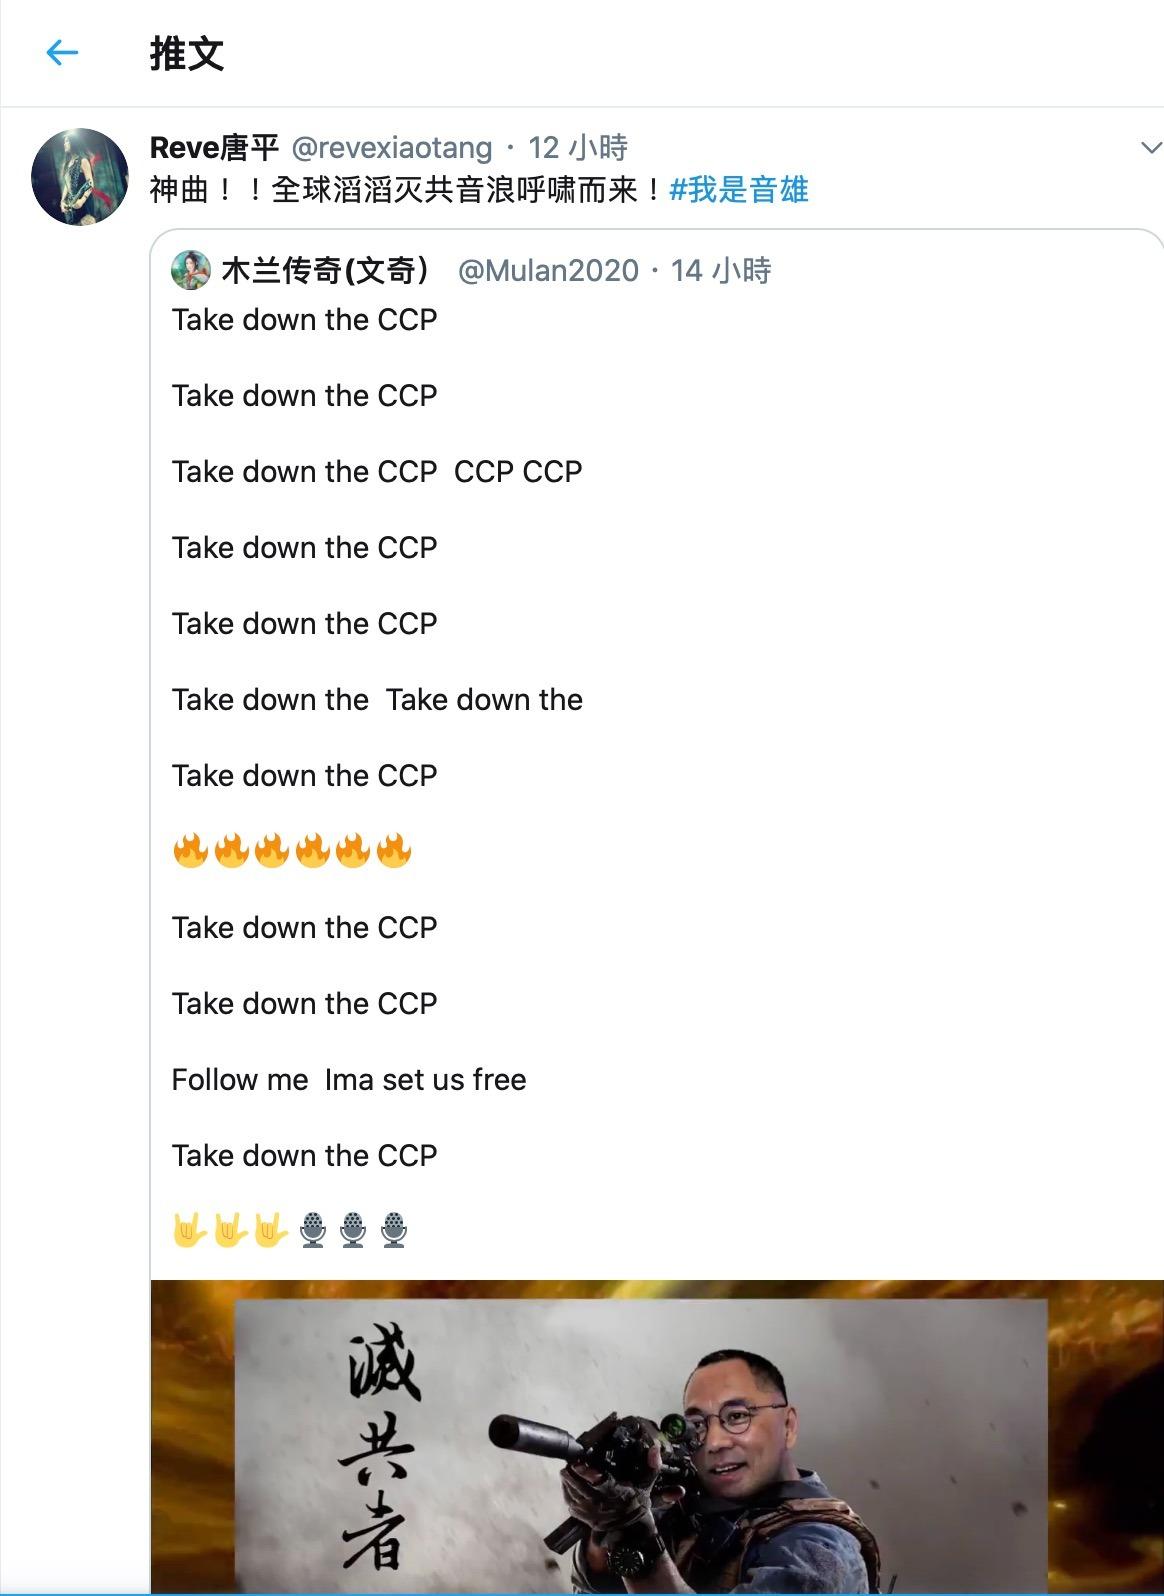 郭文貴9月8日正式宣佈推出反共英文單曲《消滅中國共產黨》(Take Down the CCP)(網絡截圖)